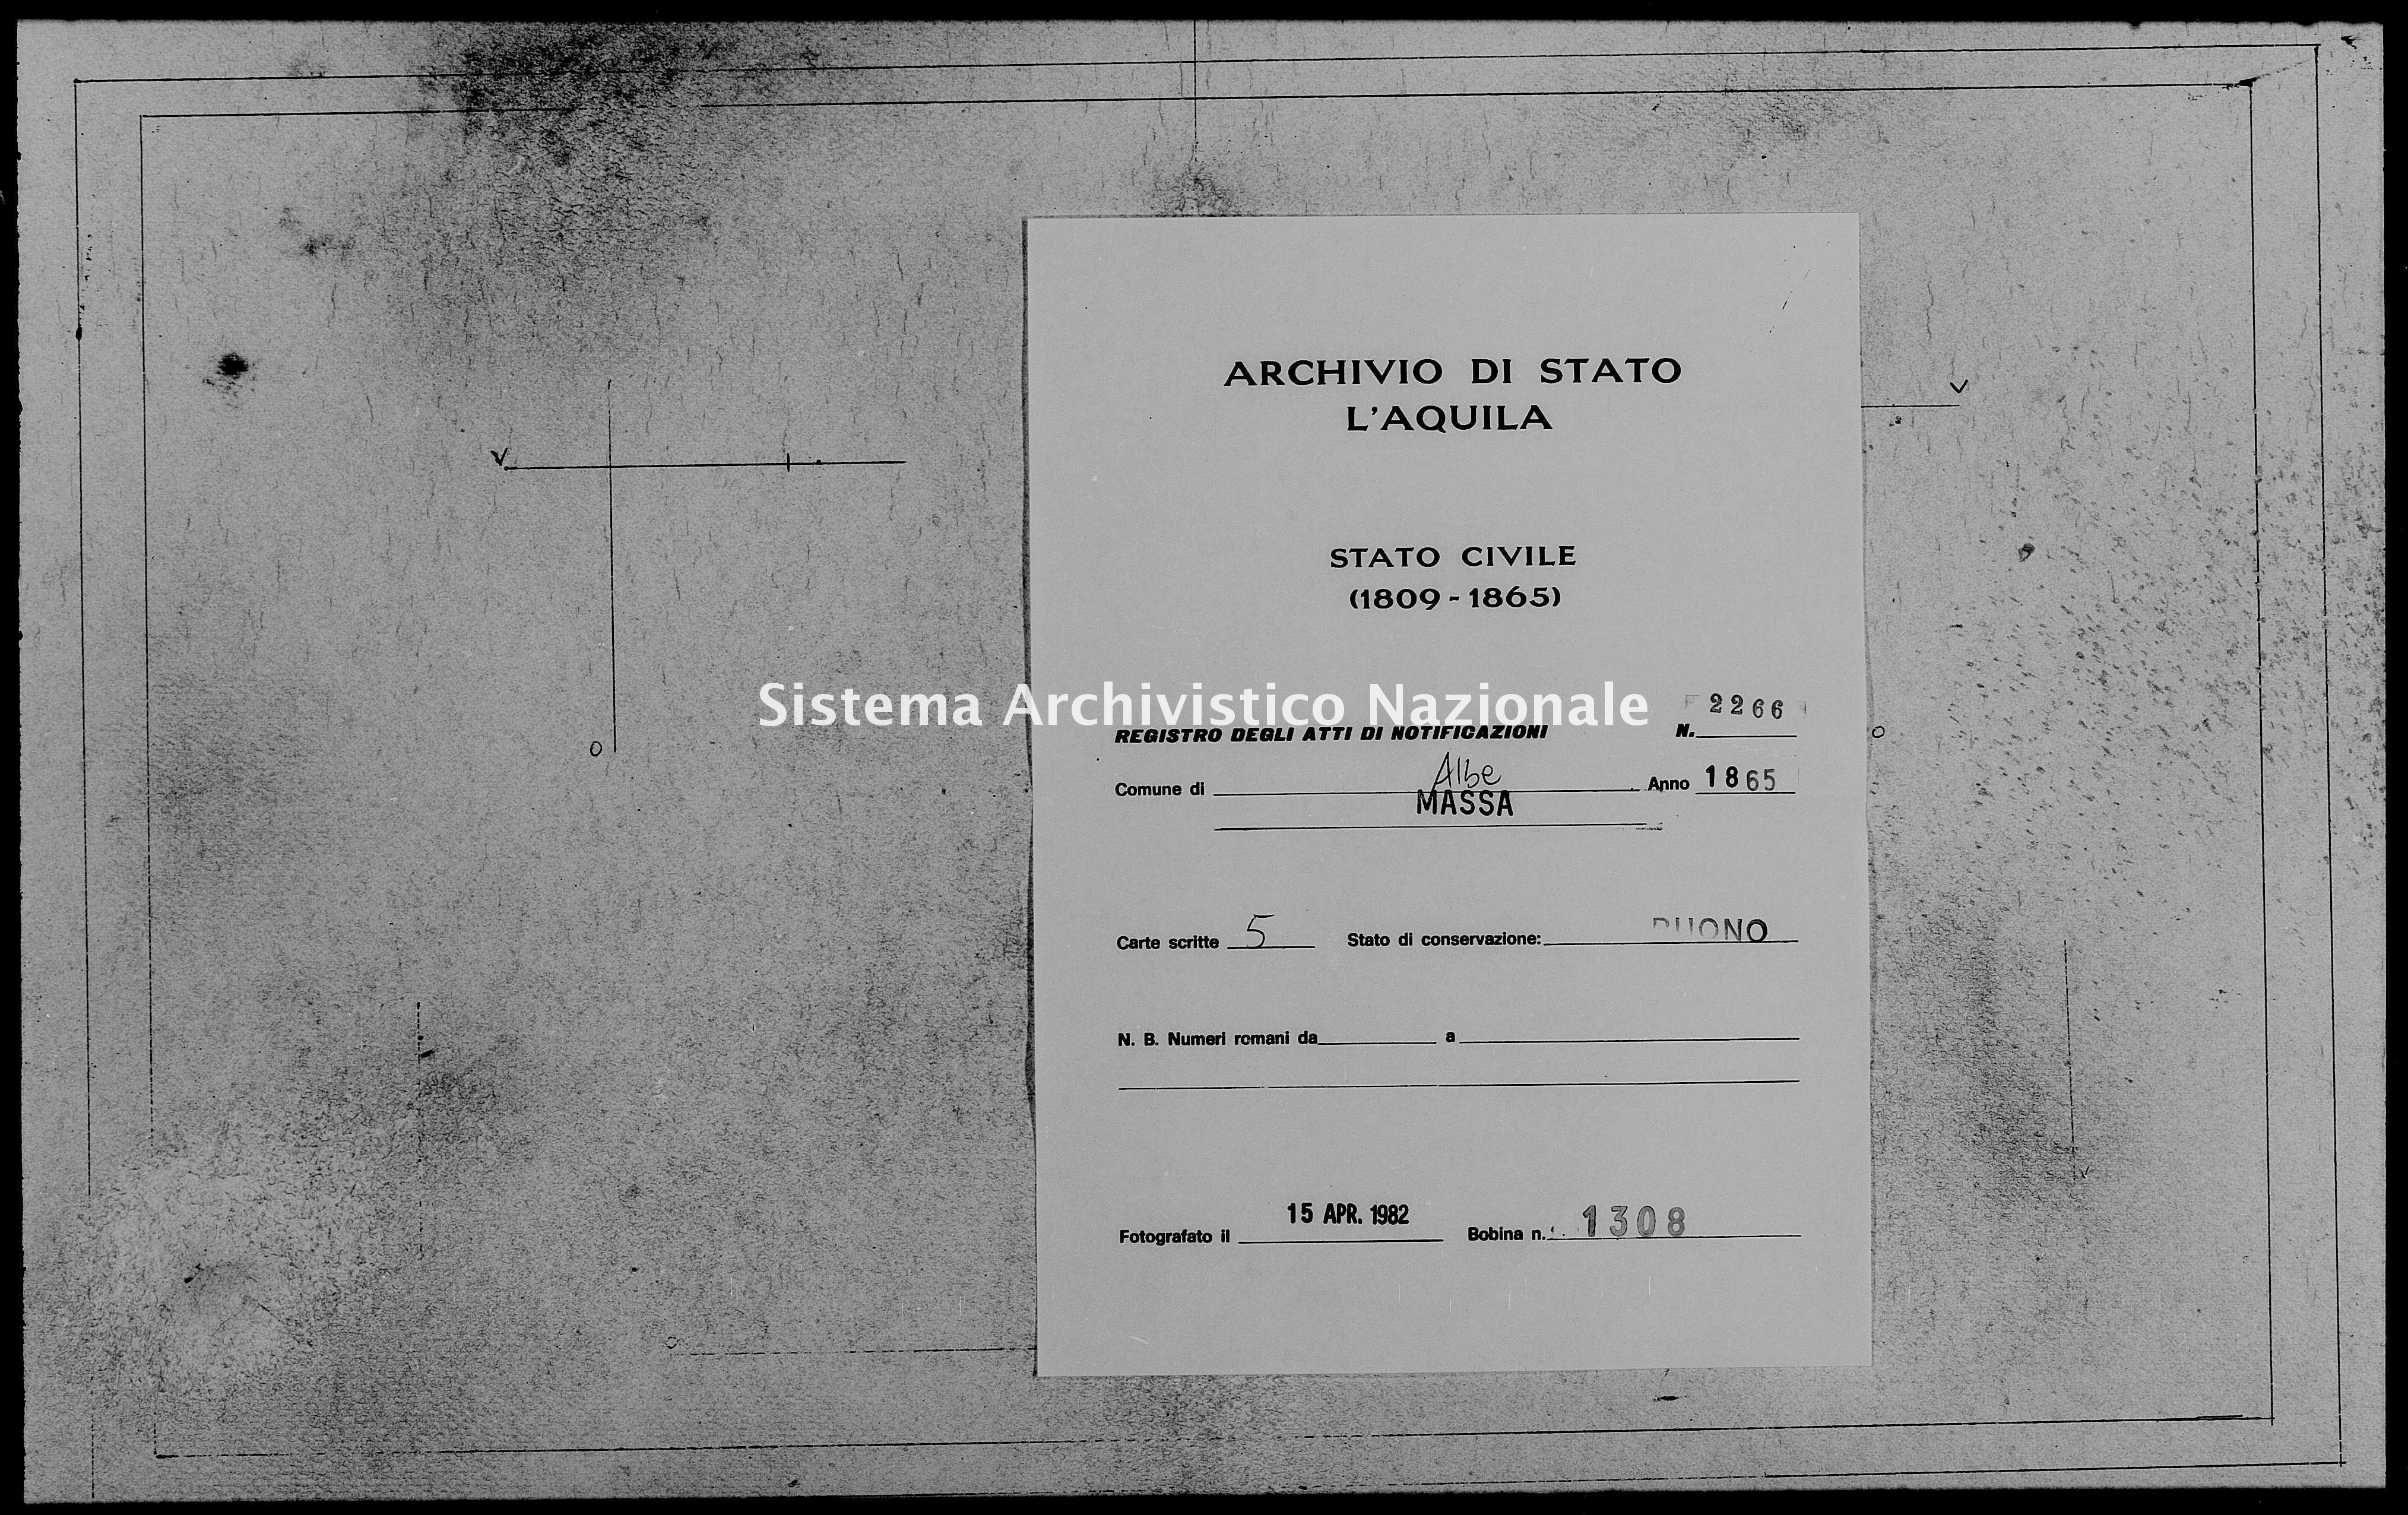 Archivio di stato di L'aquila - Stato civile italiano - Albe - Matrimoni, memorandum notificazioni ed opposizioni - 1865 - 2266 -